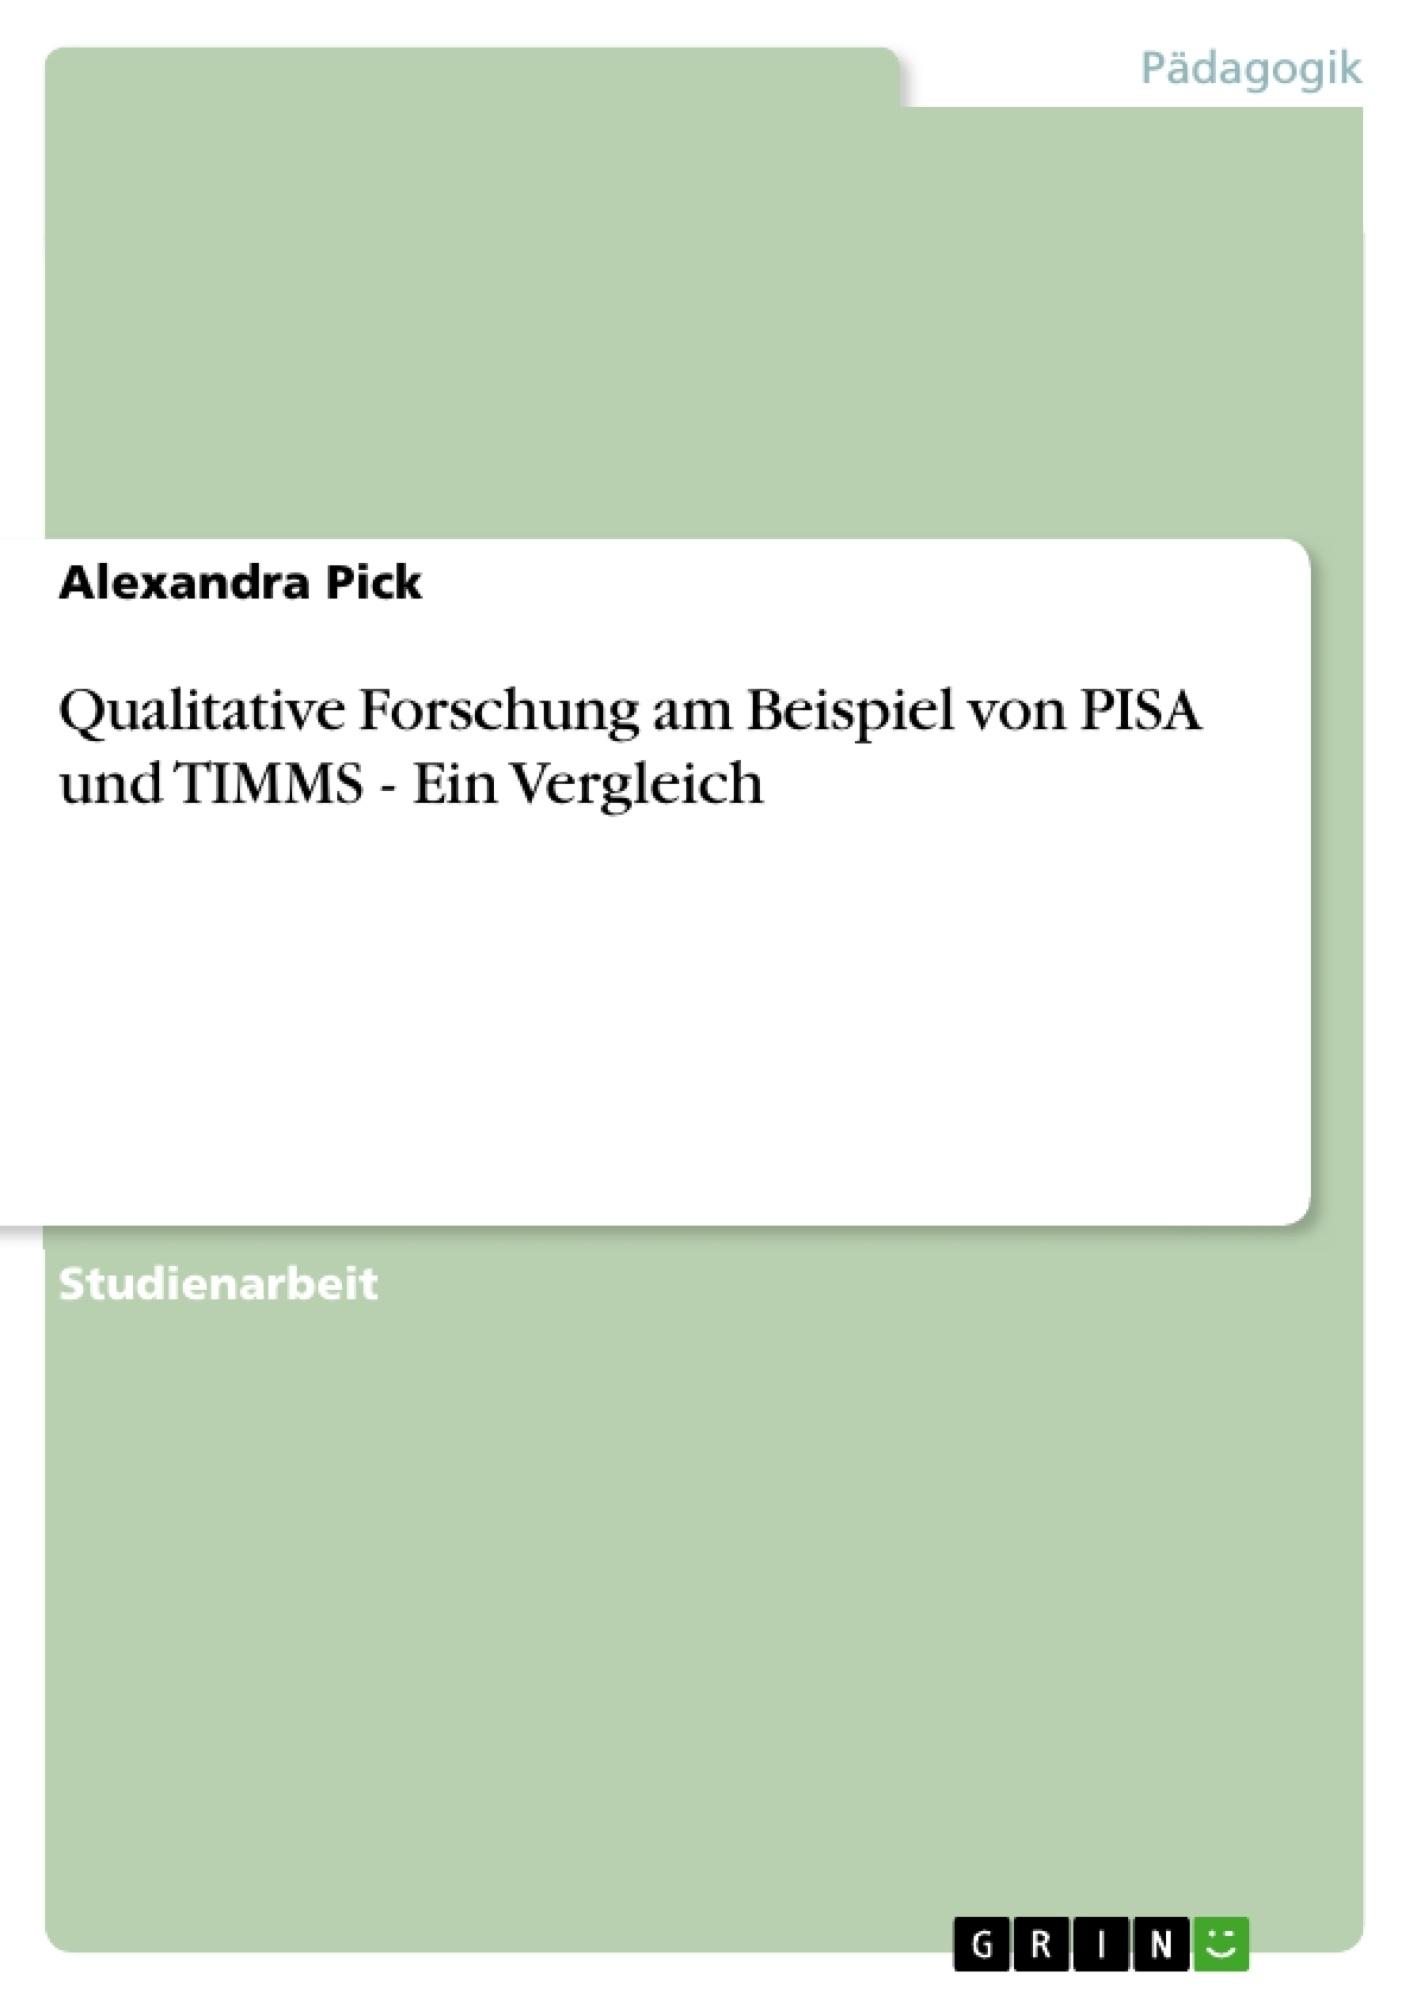 Titel: Qualitative Forschung am Beispiel von PISA und TIMMS - Ein Vergleich